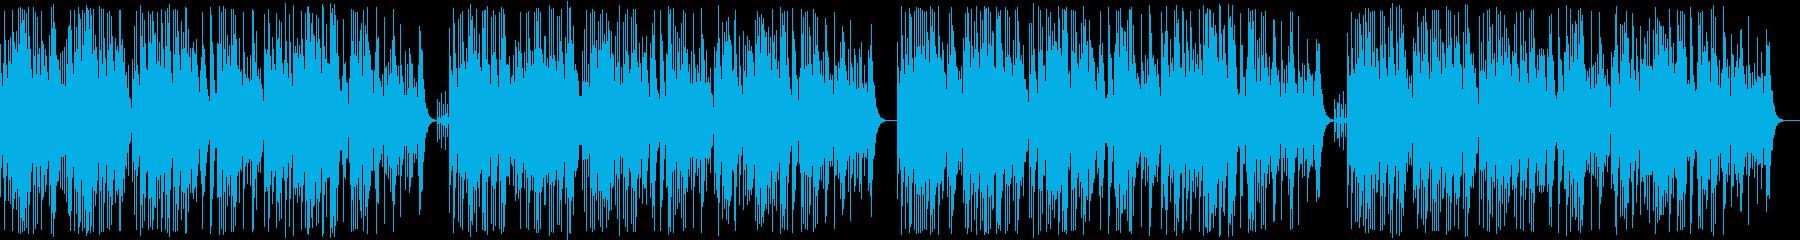 「古時計」オルゴールの再生済みの波形